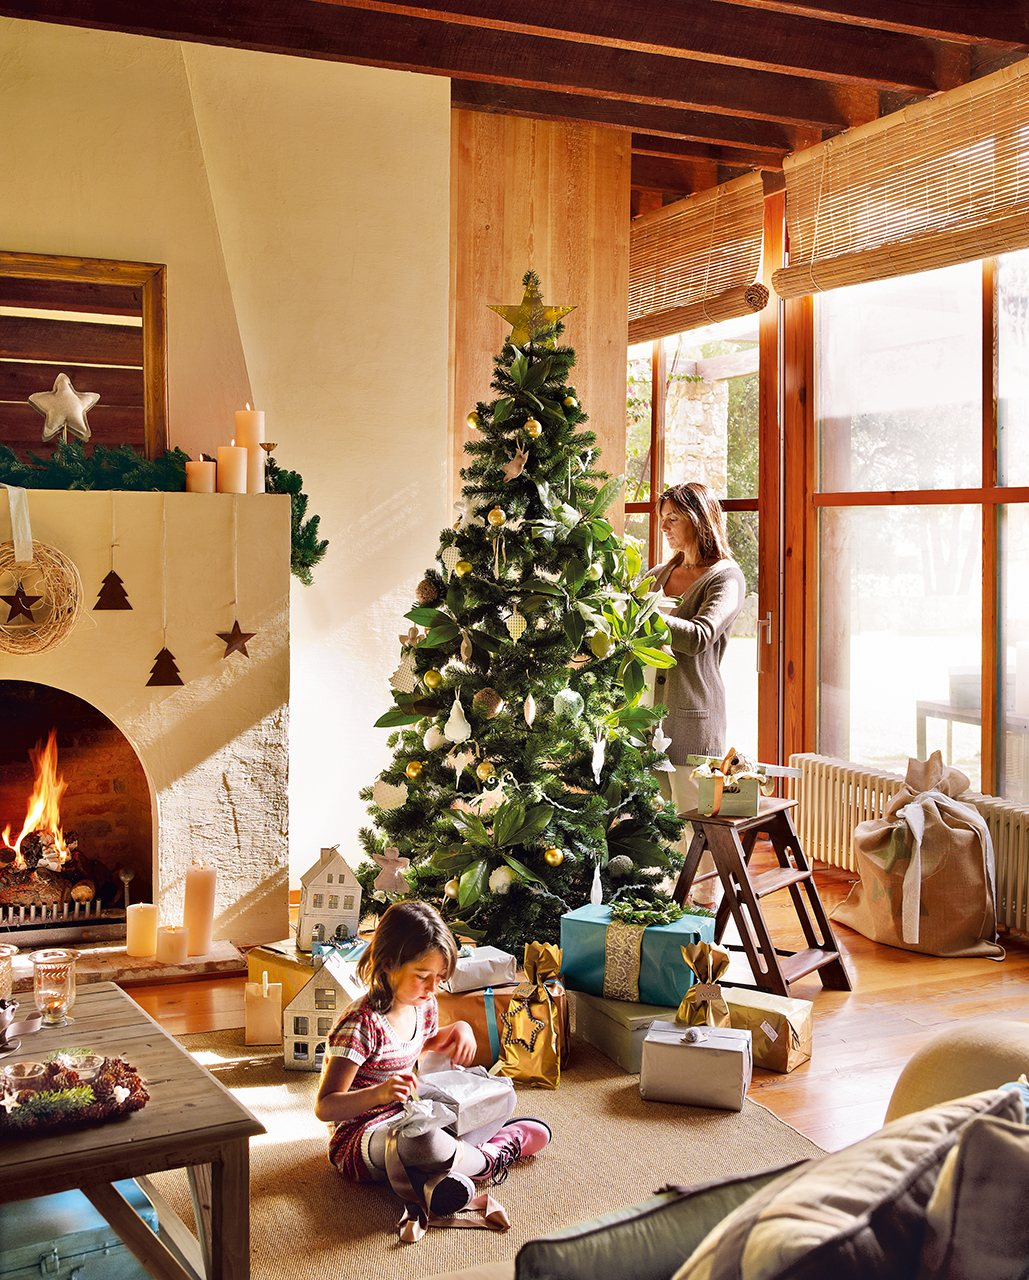 Fotos Casas Decoradas Navidad.Descubre La Decoracion Navidena Mas Natural